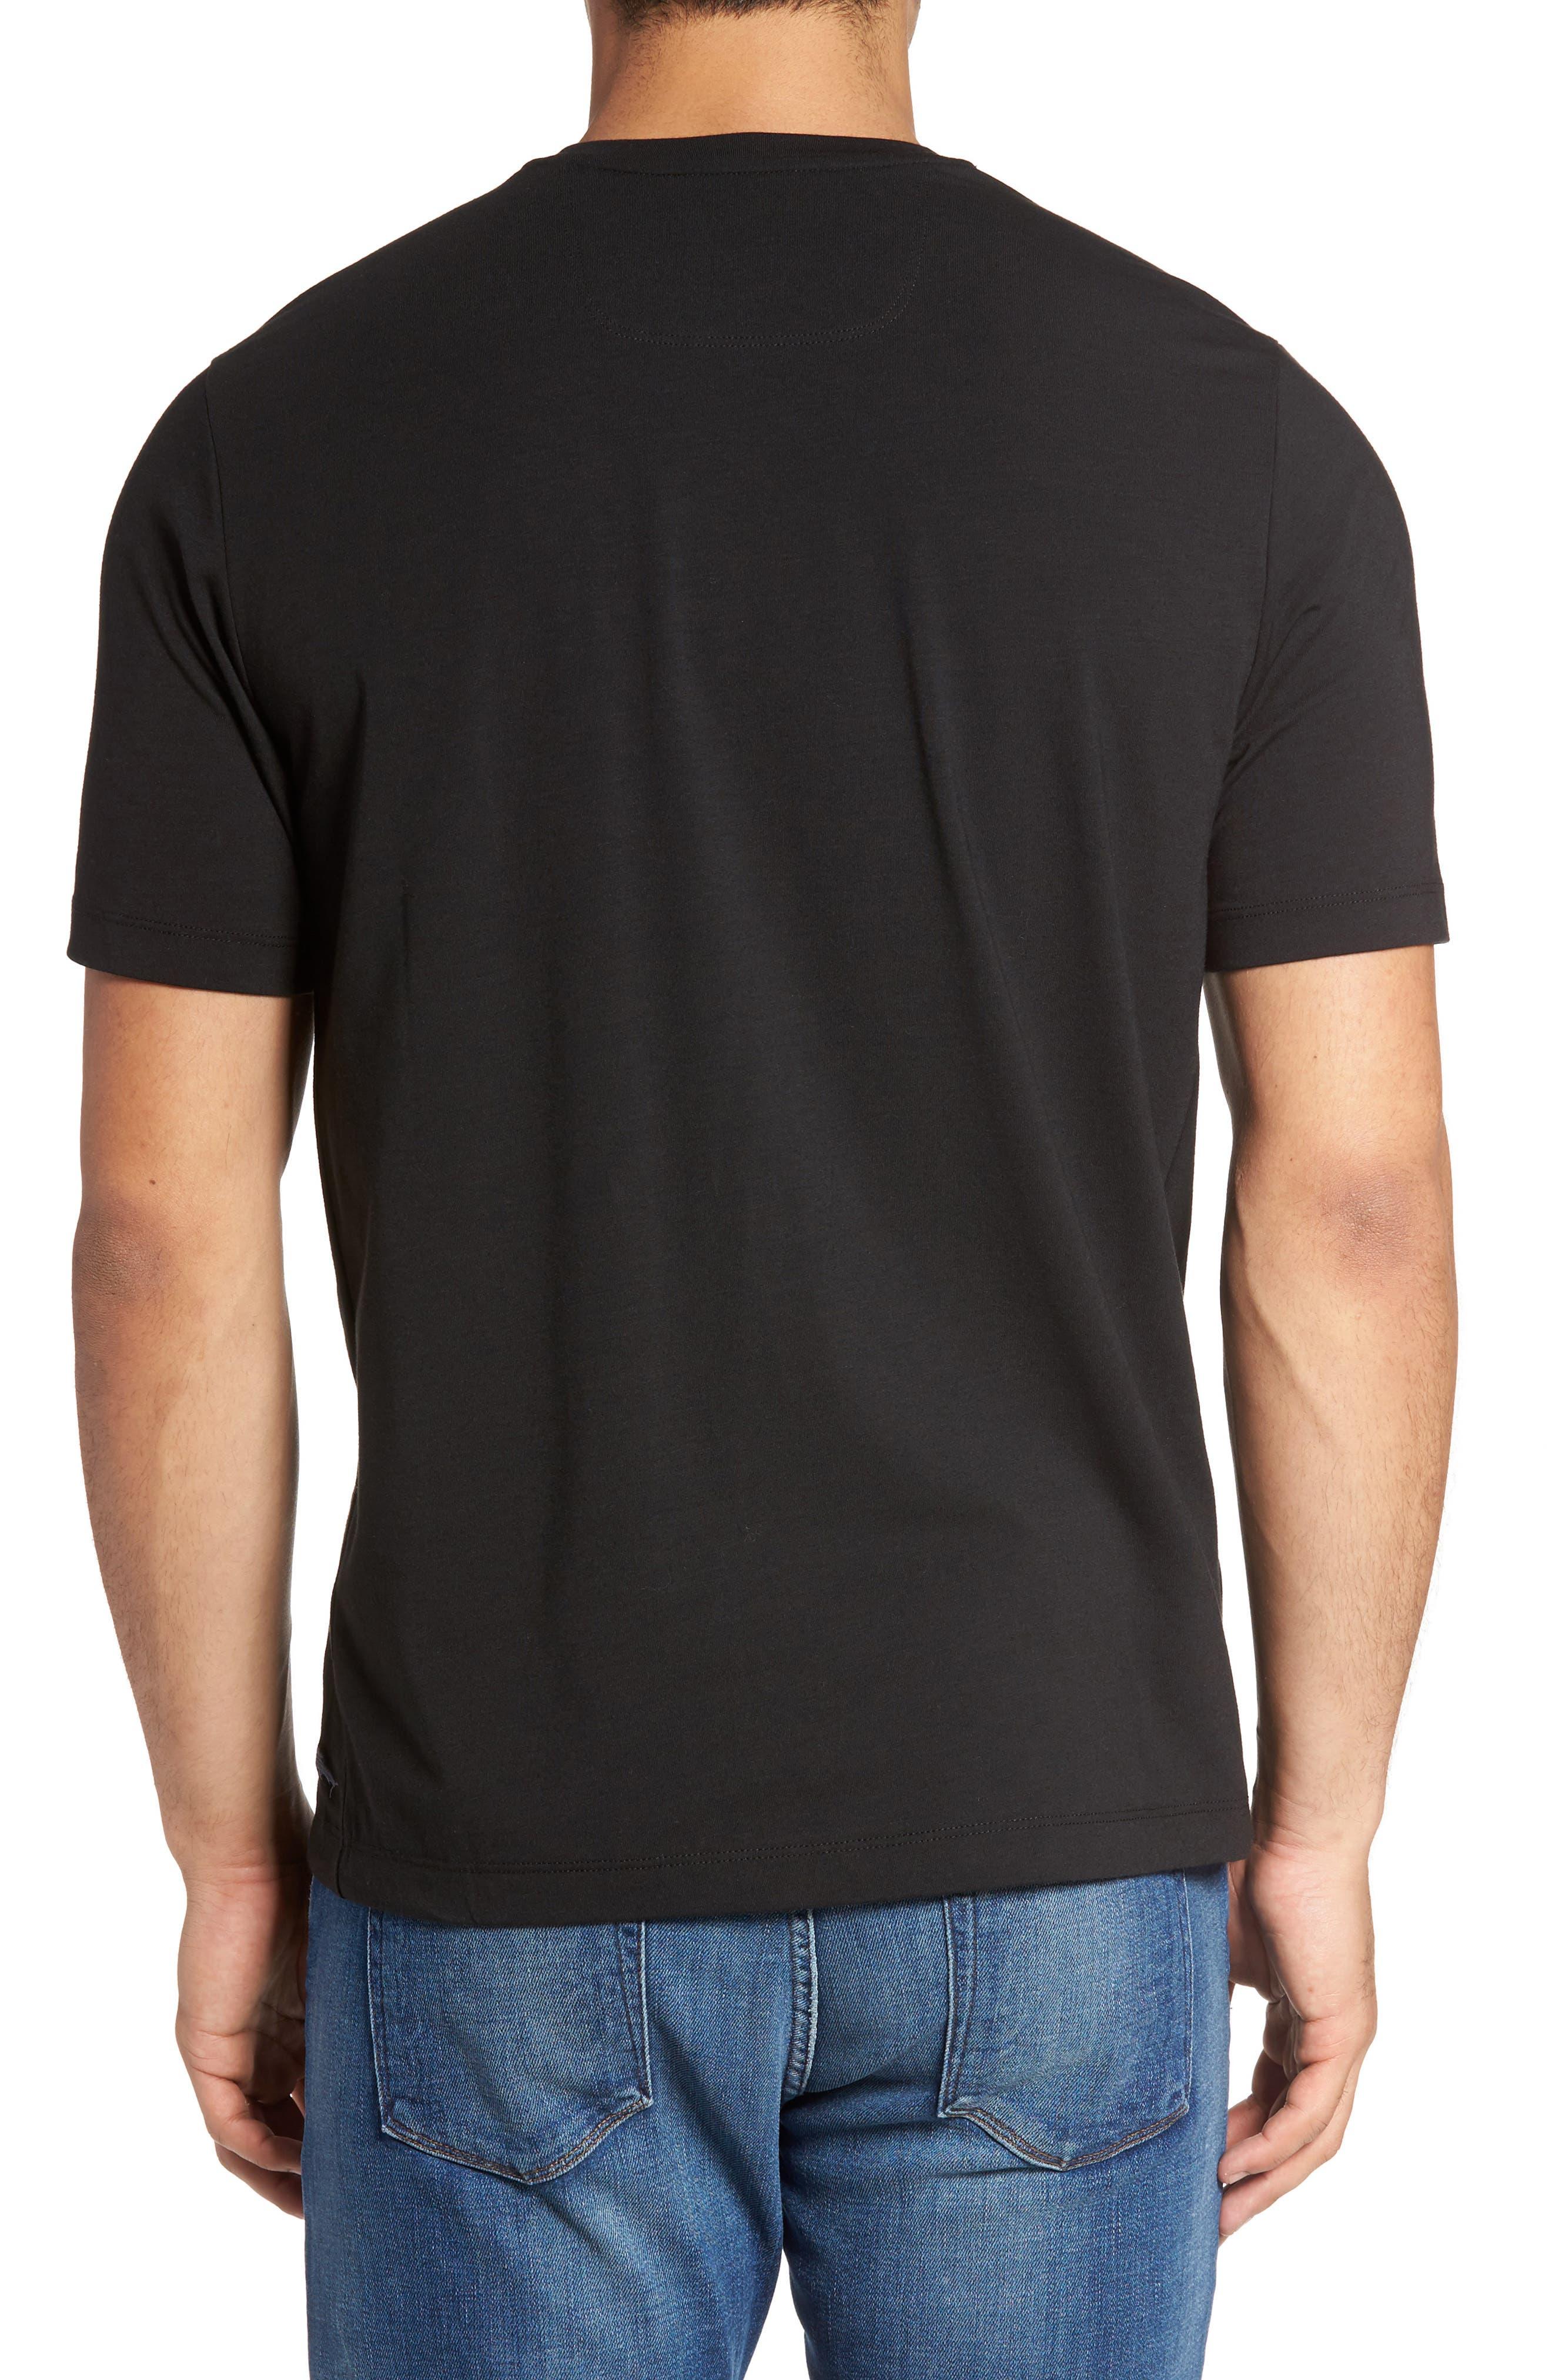 Tropicool T-Shirt,                             Alternate thumbnail 2, color,                             Black